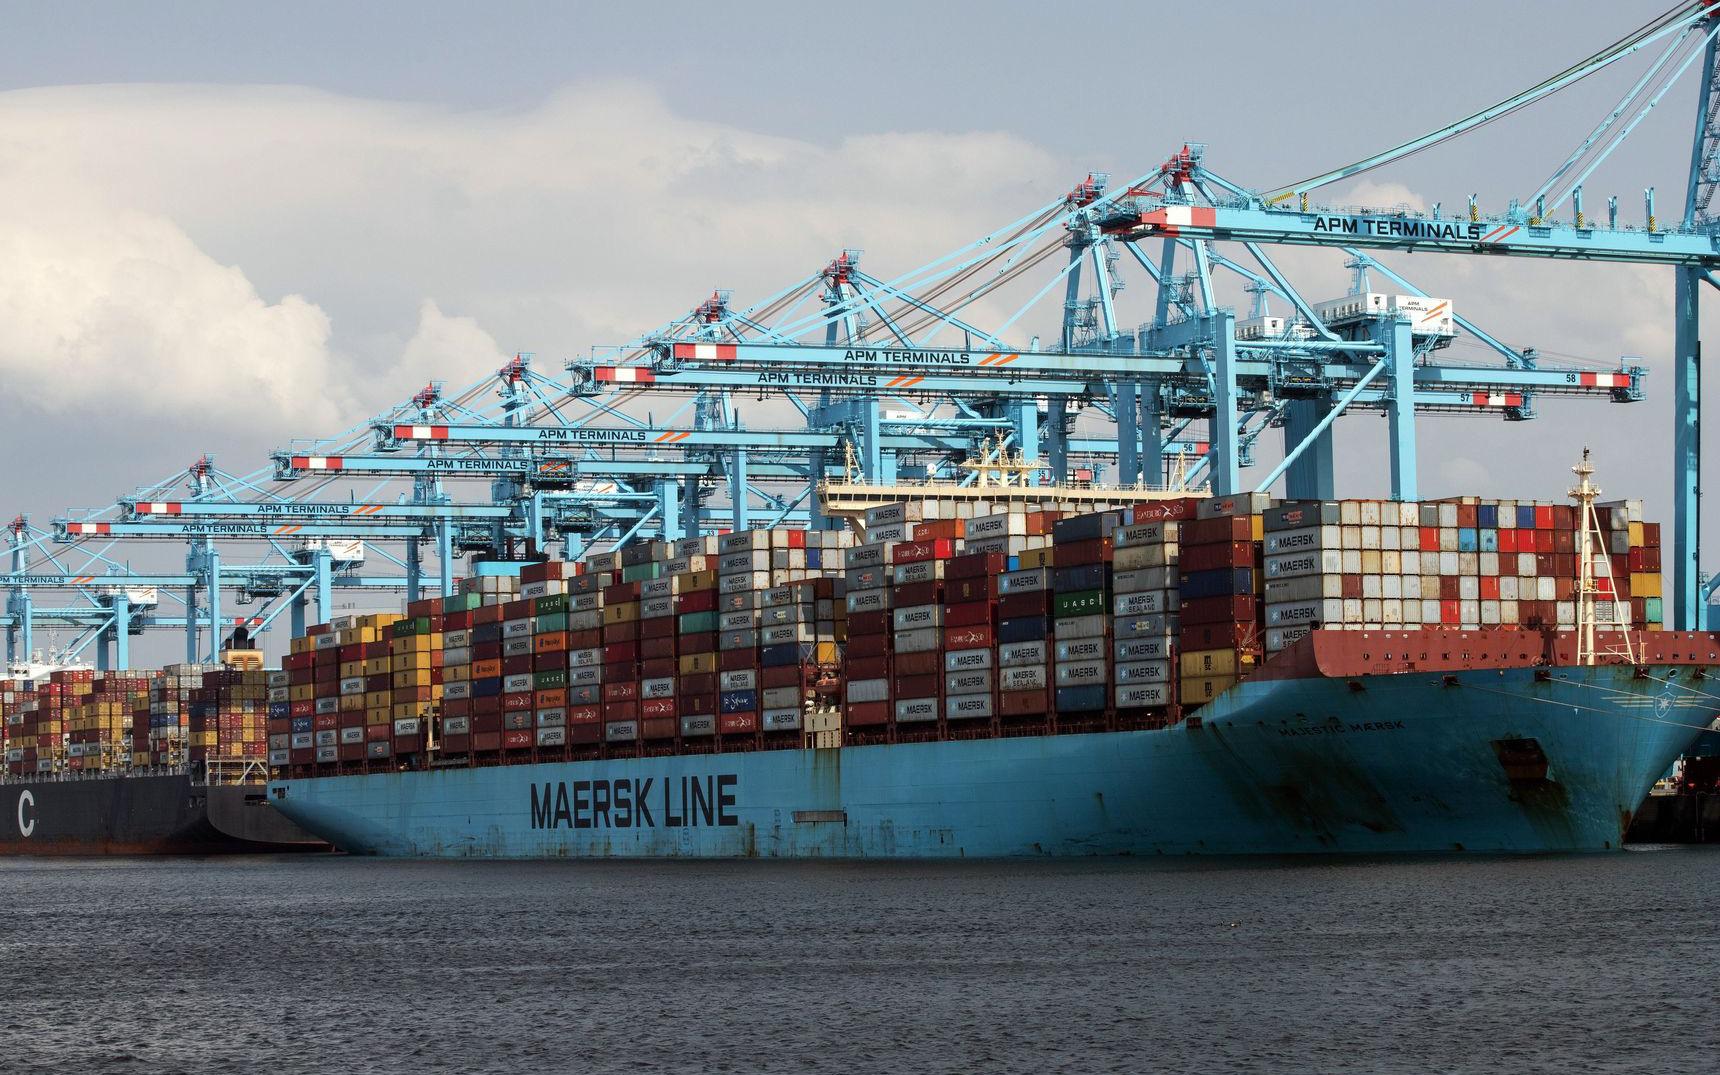 Cơn bĩ cực của ngành vận tải biển: Cả thế giới gánh chịu hậu quả sau nhiều năm 'tinh gọn' hệ thống, các hãng lớn nắm thế kiểm soát, mặc sức 'hét giá'